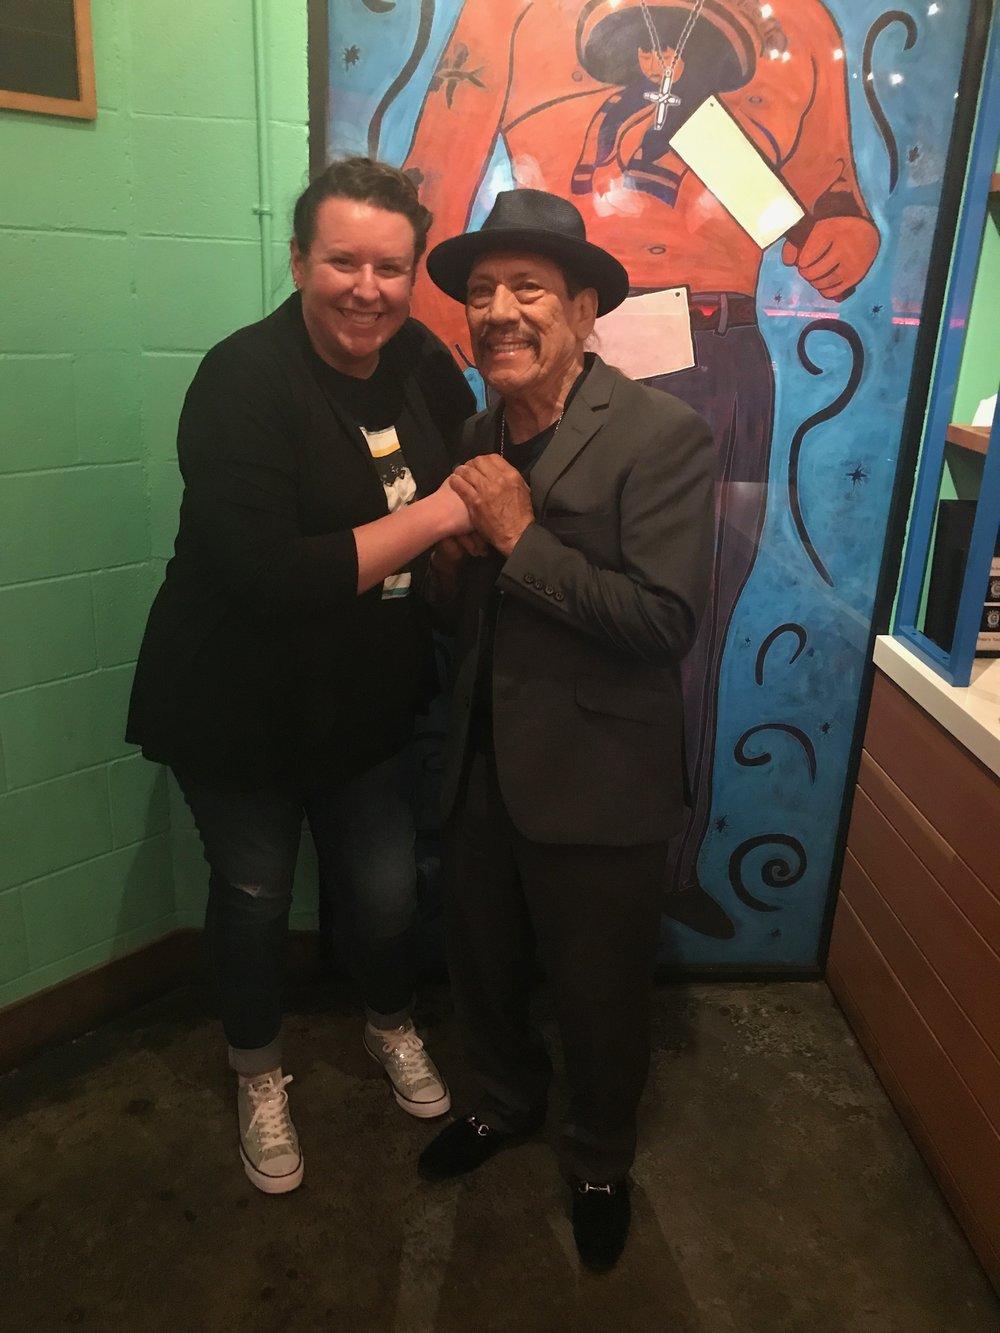 Nikki and Danny Trejo at Trejo's Cantina